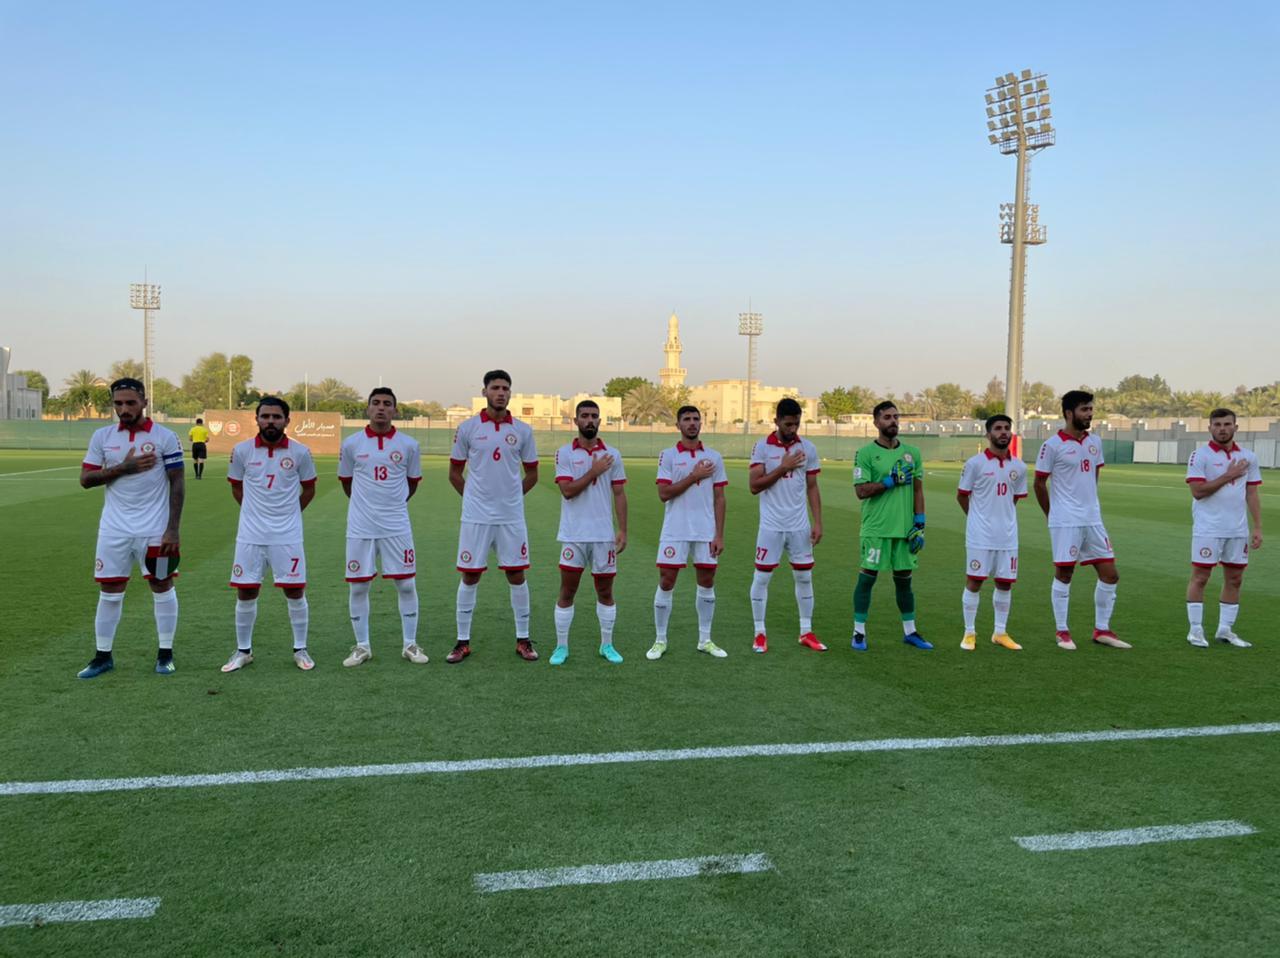 لبنان-الاولمبي-يفوز-على-نظيره-الاماراتي-برباعية-نظ